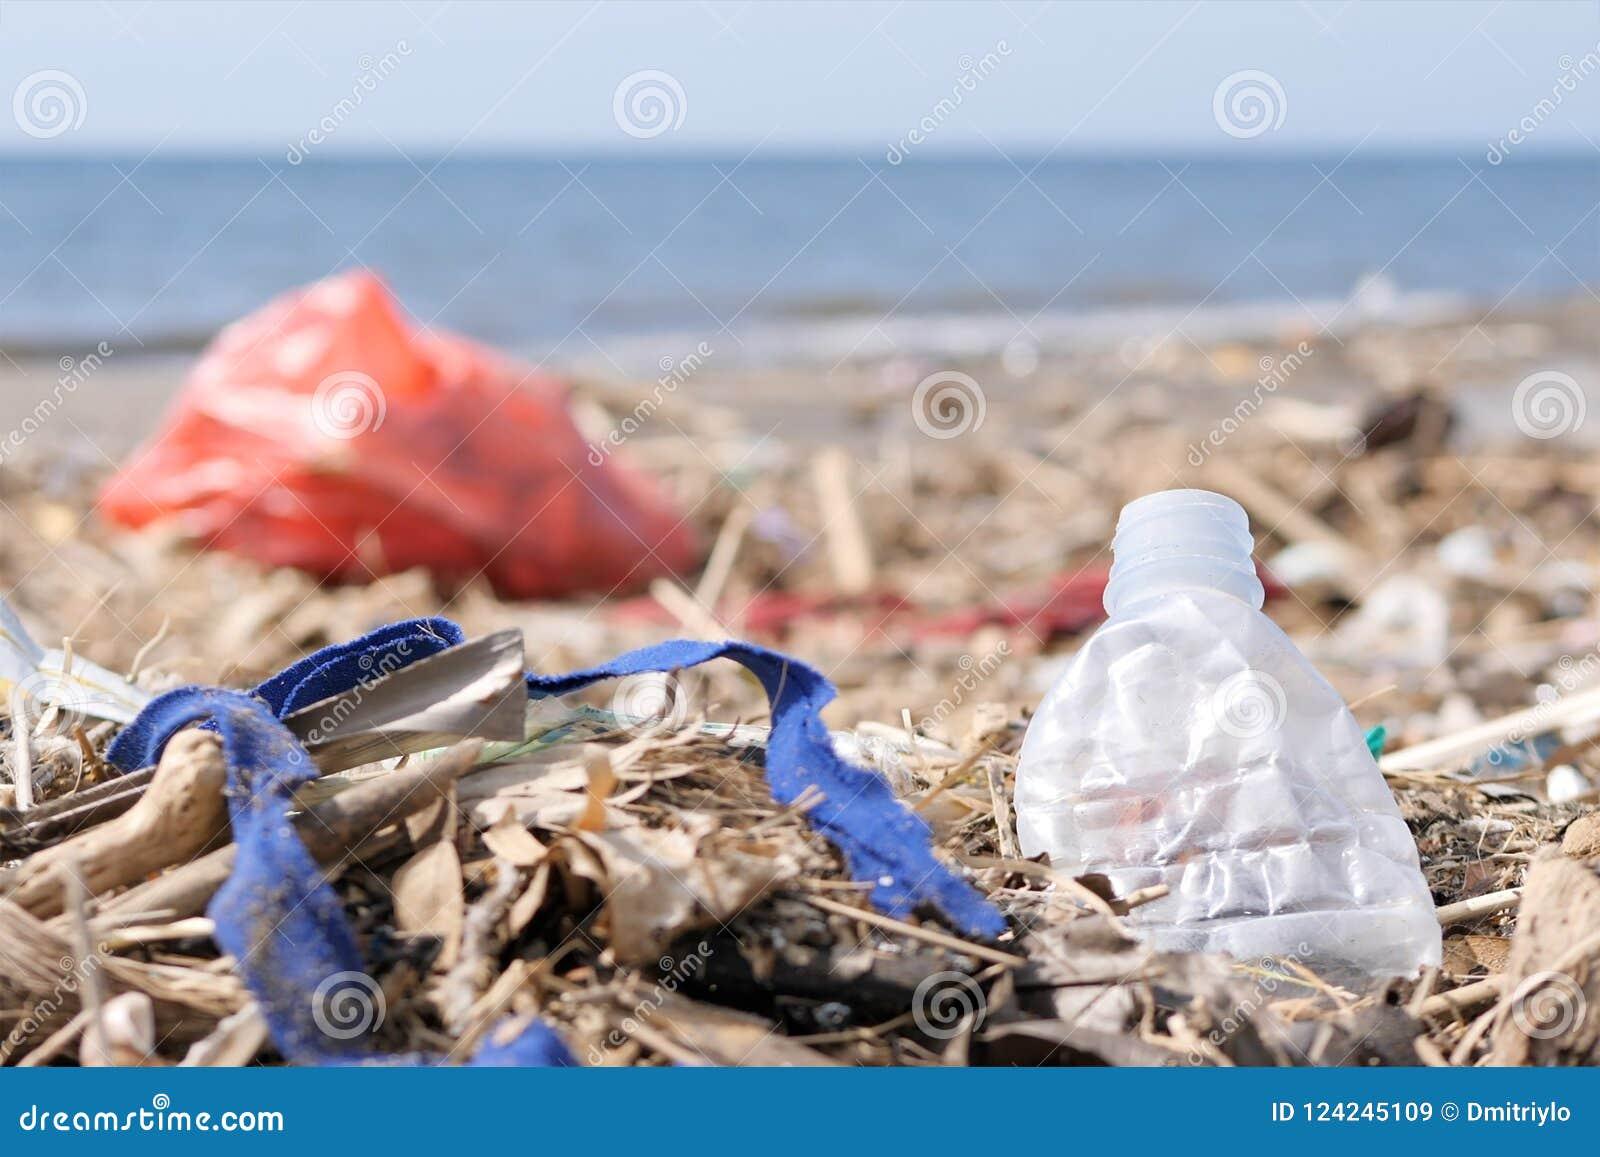 Desperdício e lixo do plástico em Sandy Beach Conceito do problema da poluição ambiental